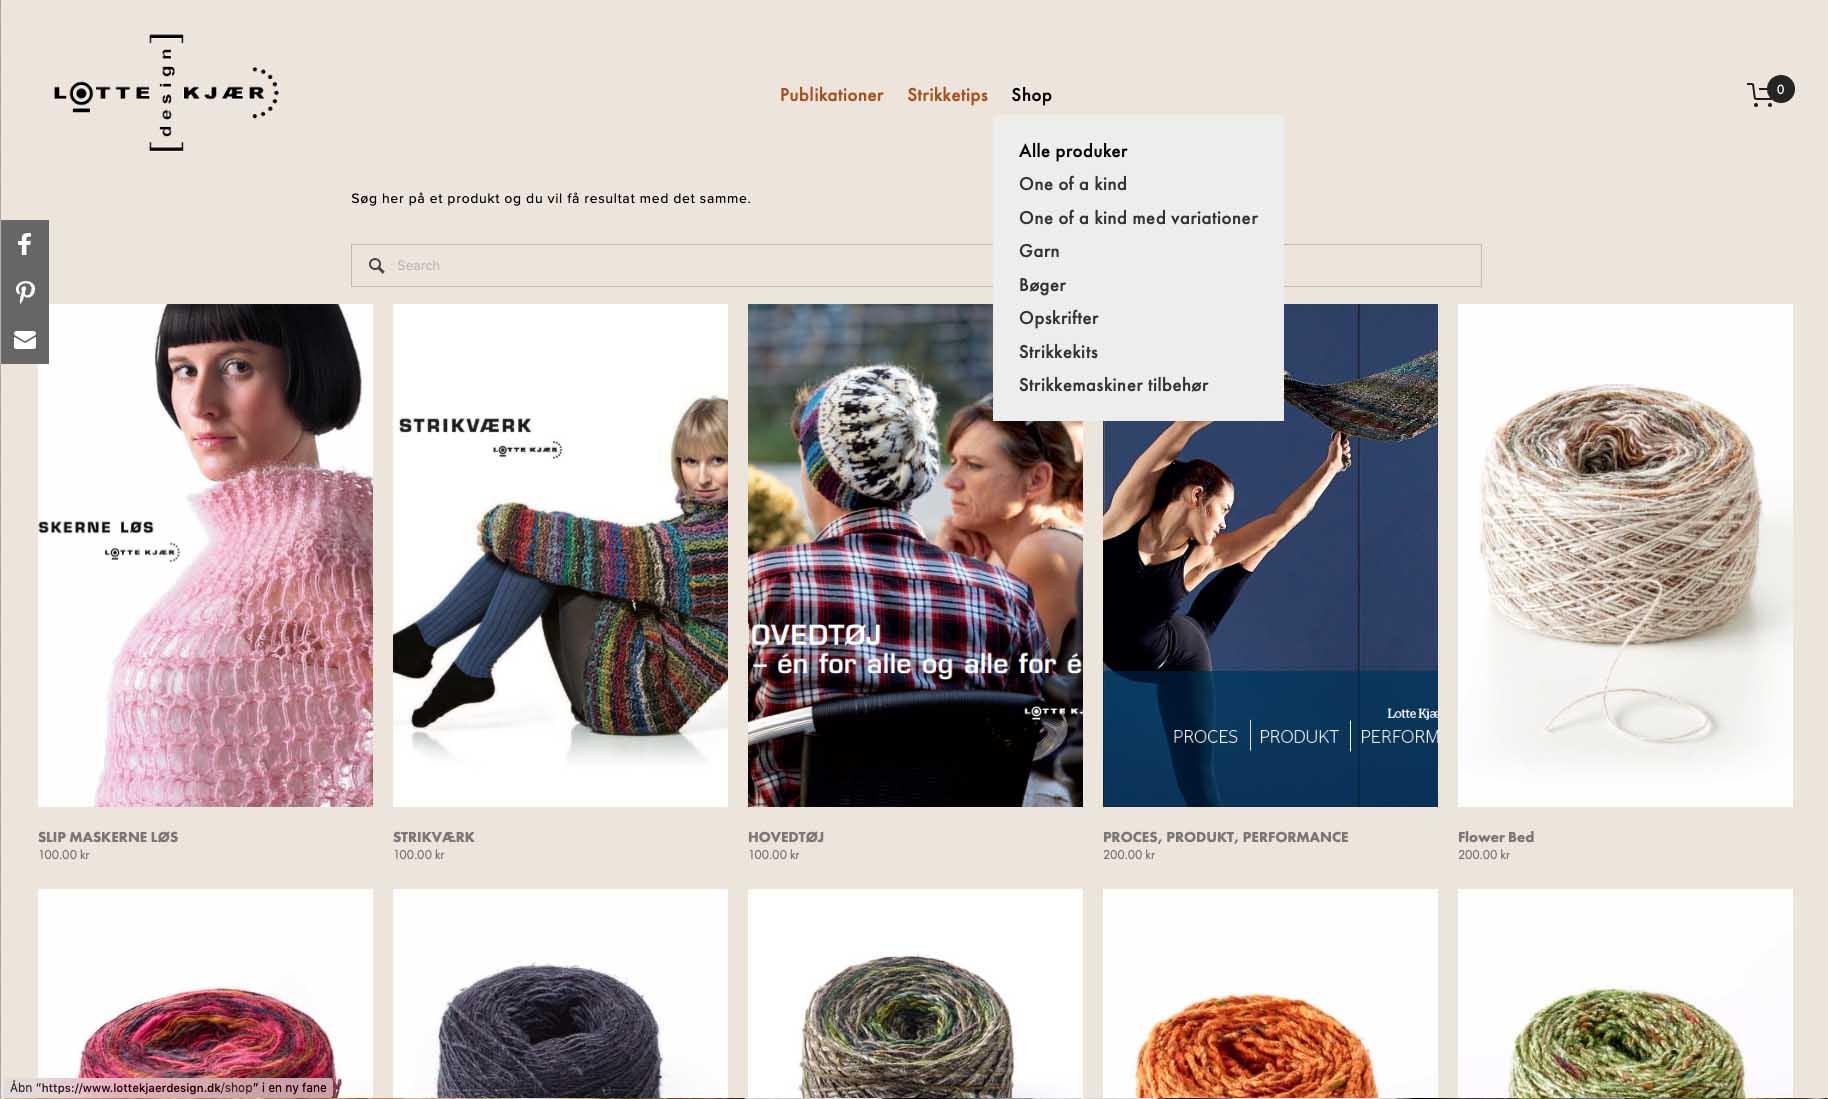 Website og webshop: Lotte Kjær Design